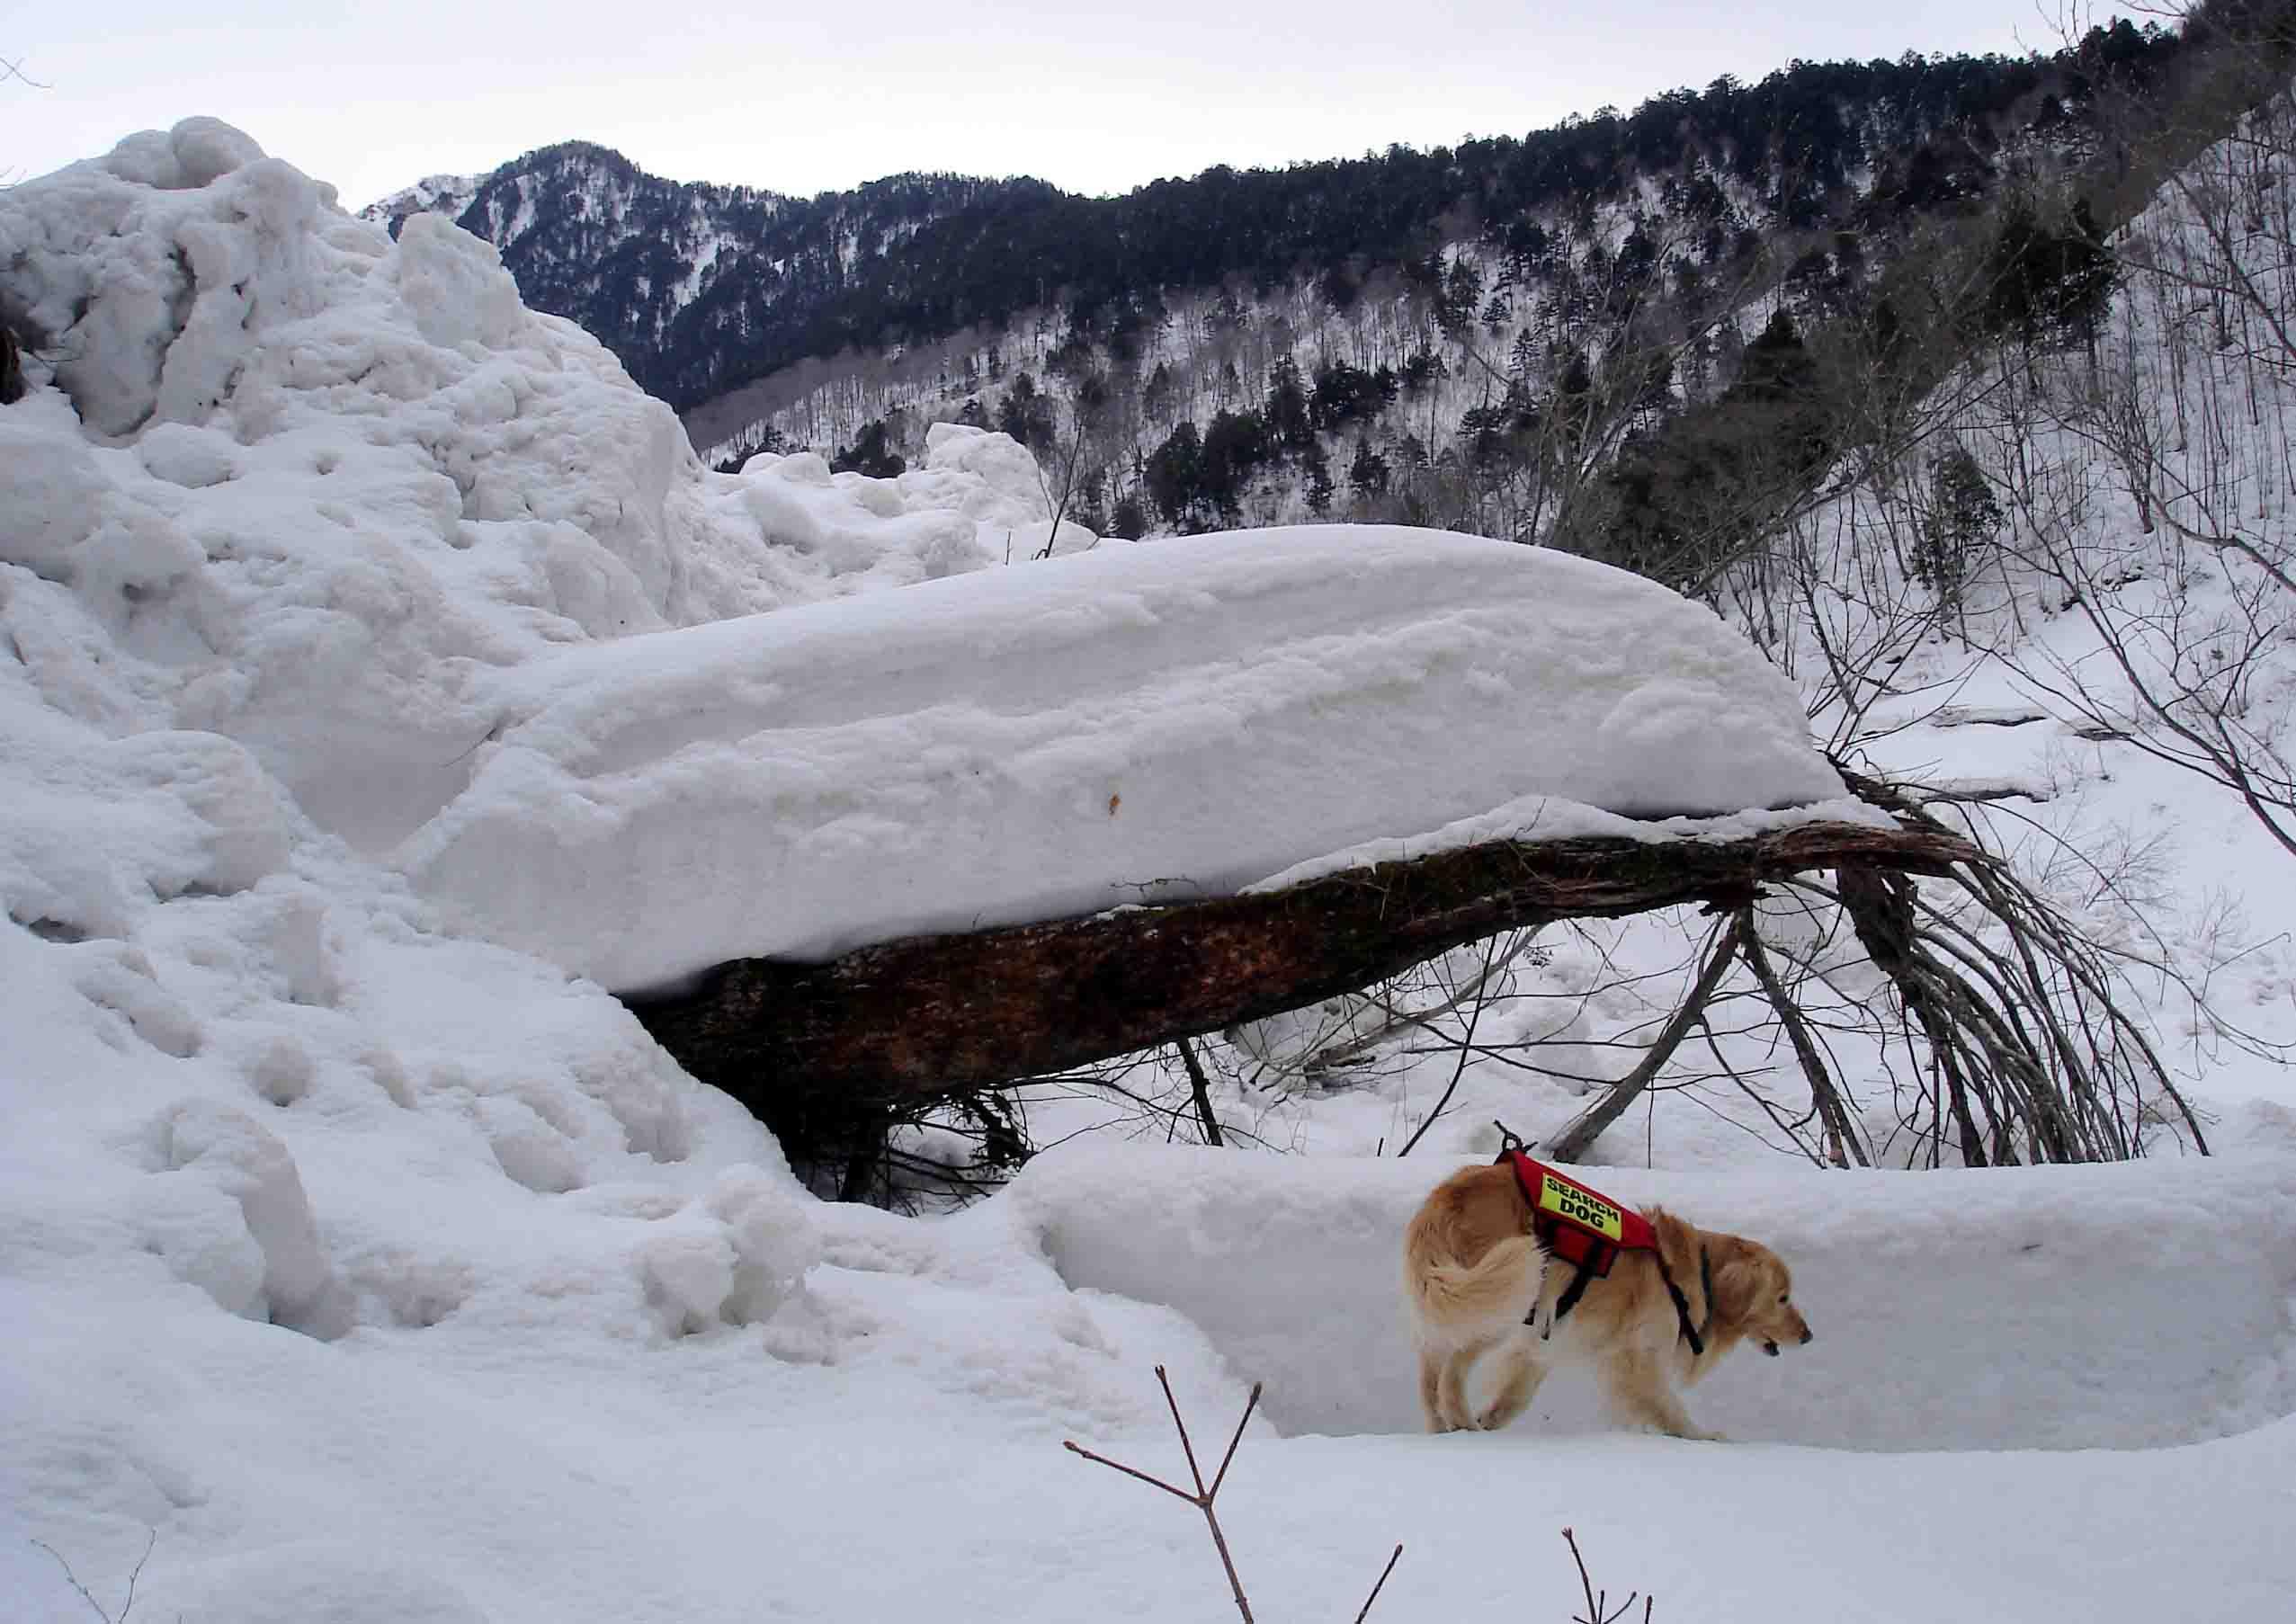 ワサビ平小屋手前のデブリ②末端の雪と倒木 DSC08744